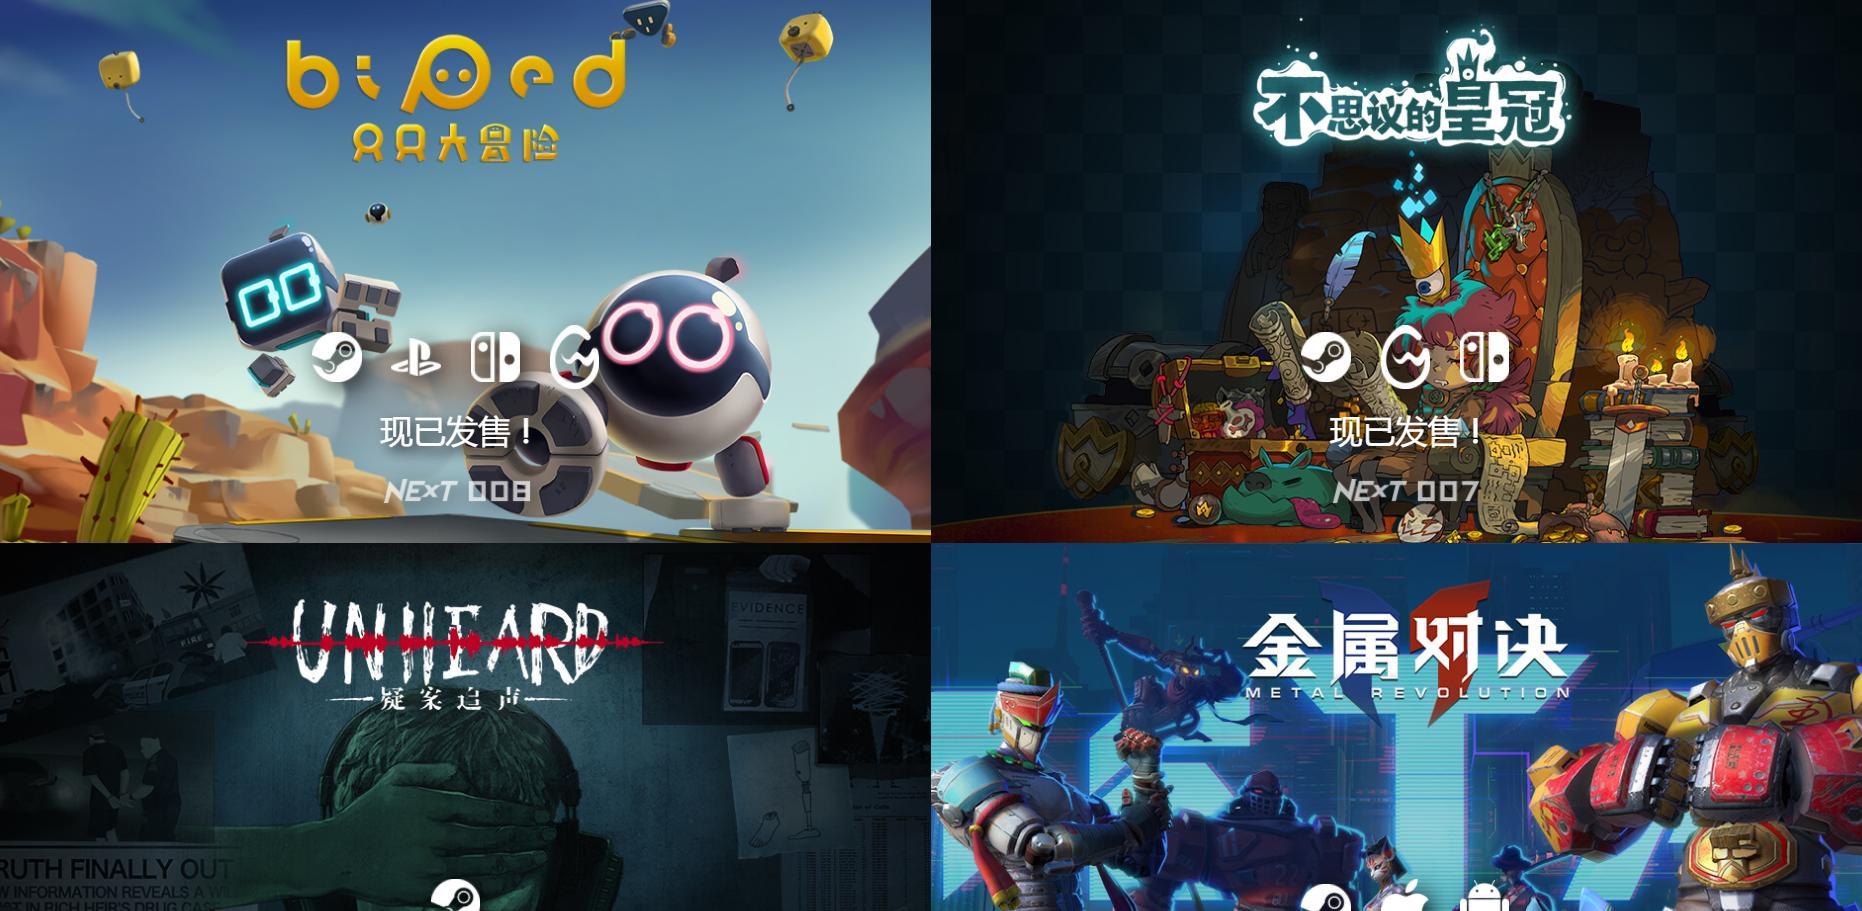 用游戏技术跨出游戏 NExT Studios这个工作室在做什么?-Gamewower